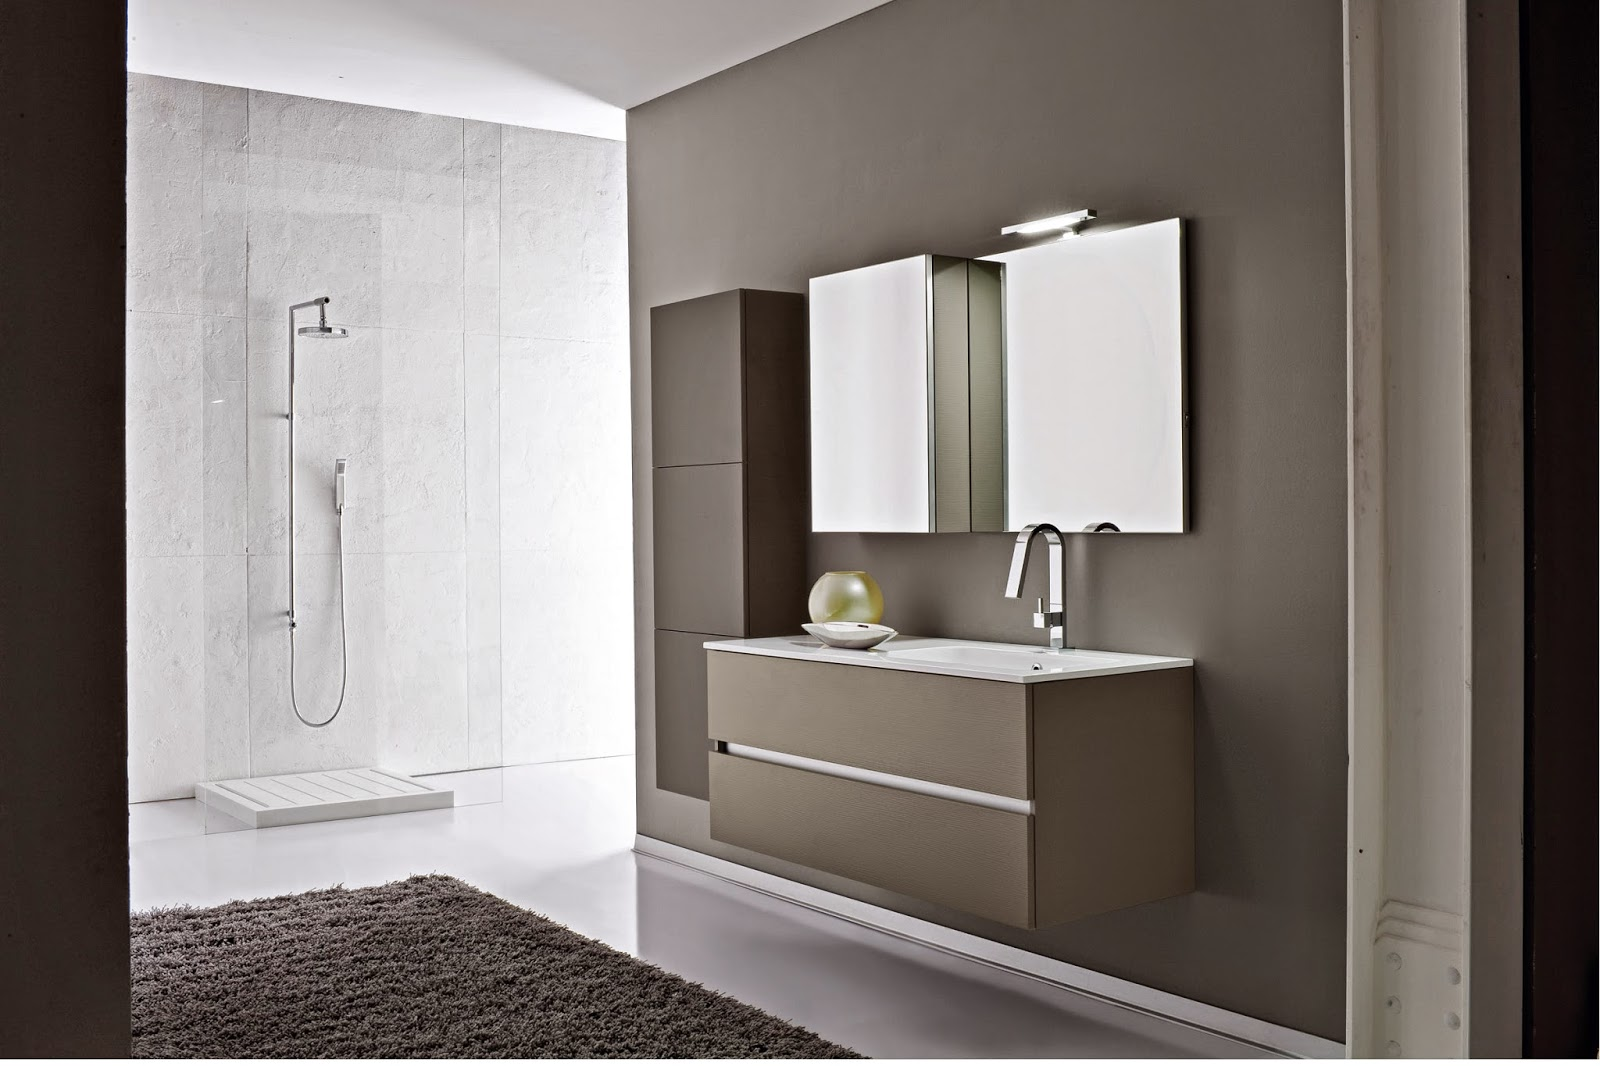 immagini di arredo bagno moderno. immagini bagni minimalisti idee ... - Immagini Di Arredo Bagno